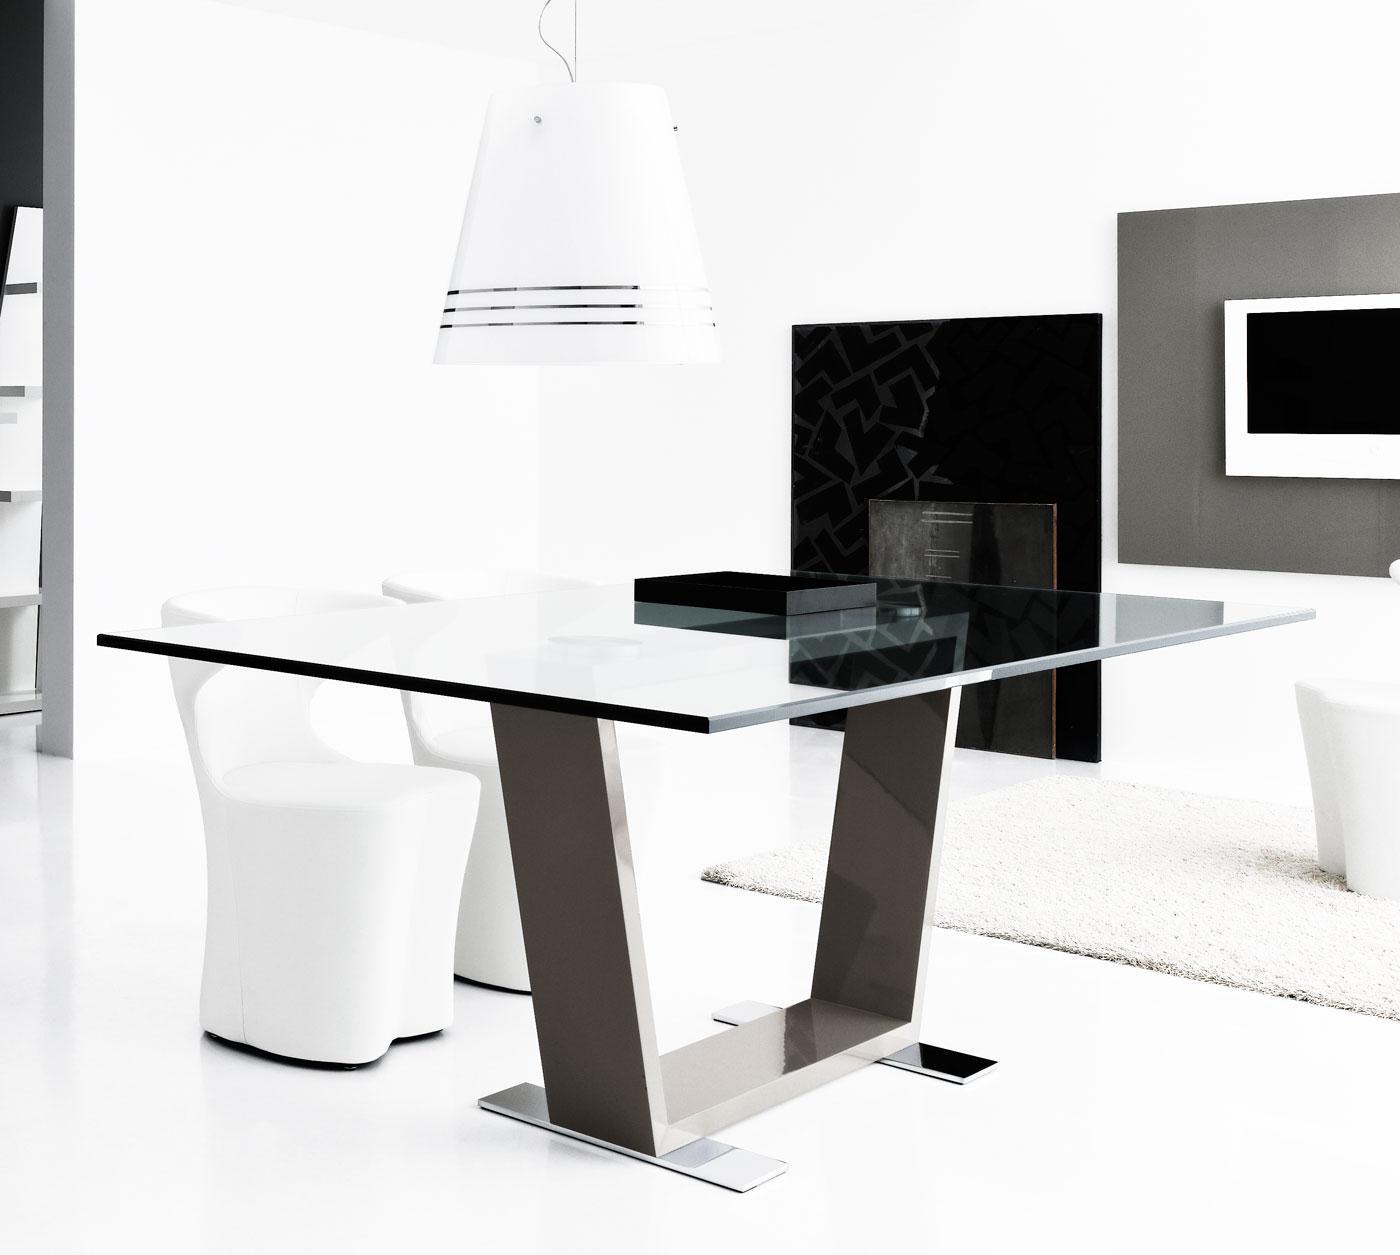 Doly tavolo rettangolare in legno e vetro - Italy Dream Design